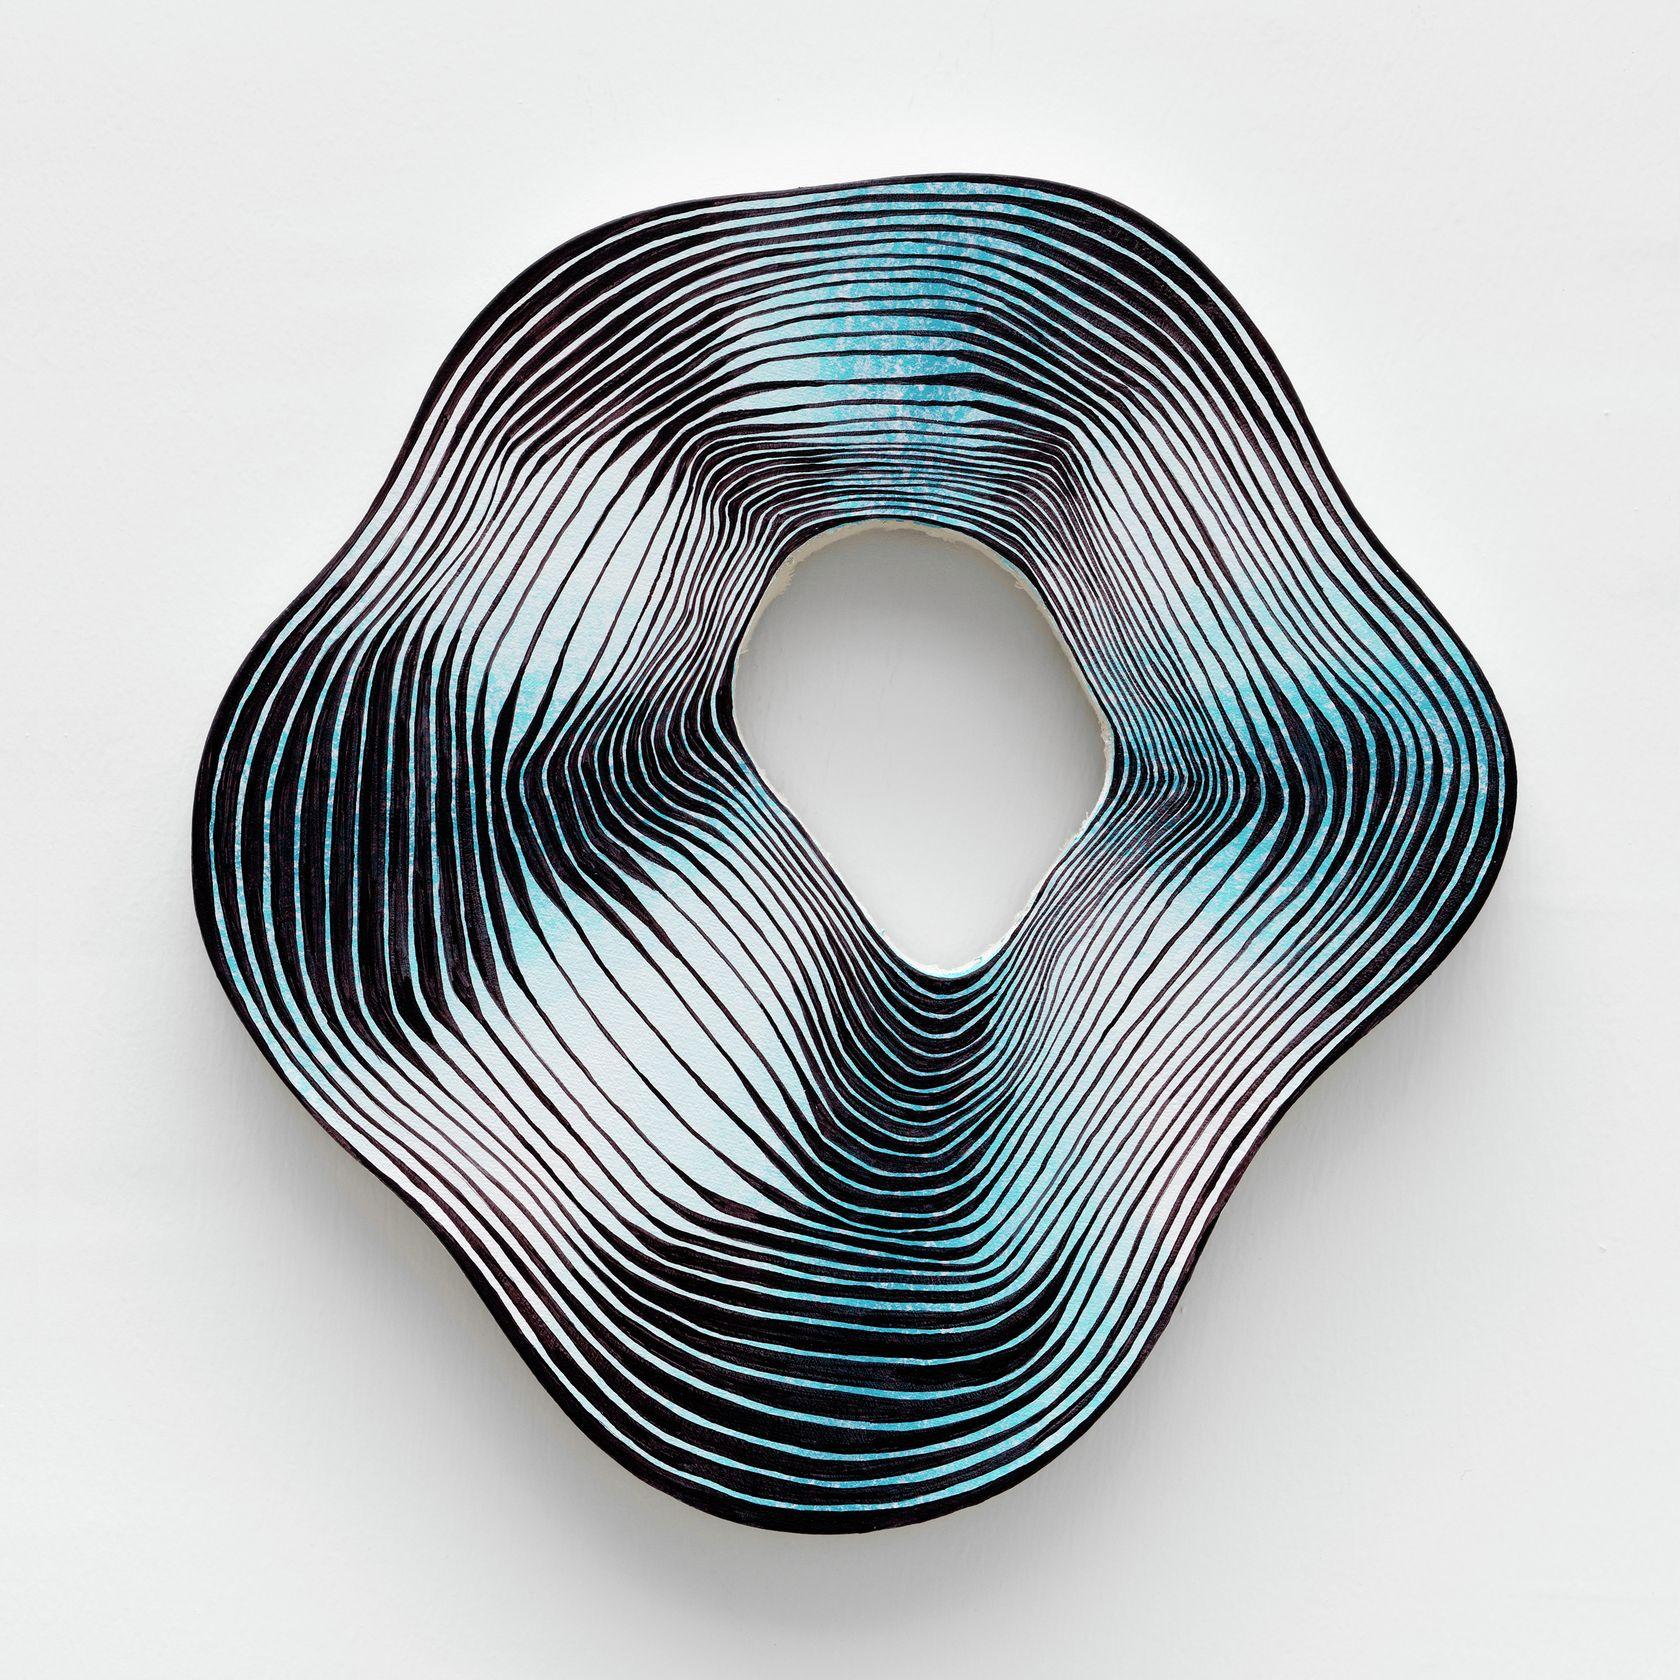 Guillaume Pilet, Startle Reflex, 2020 Acrylique sur toile32 × 28 cm / 12 5/8 × 11  in.